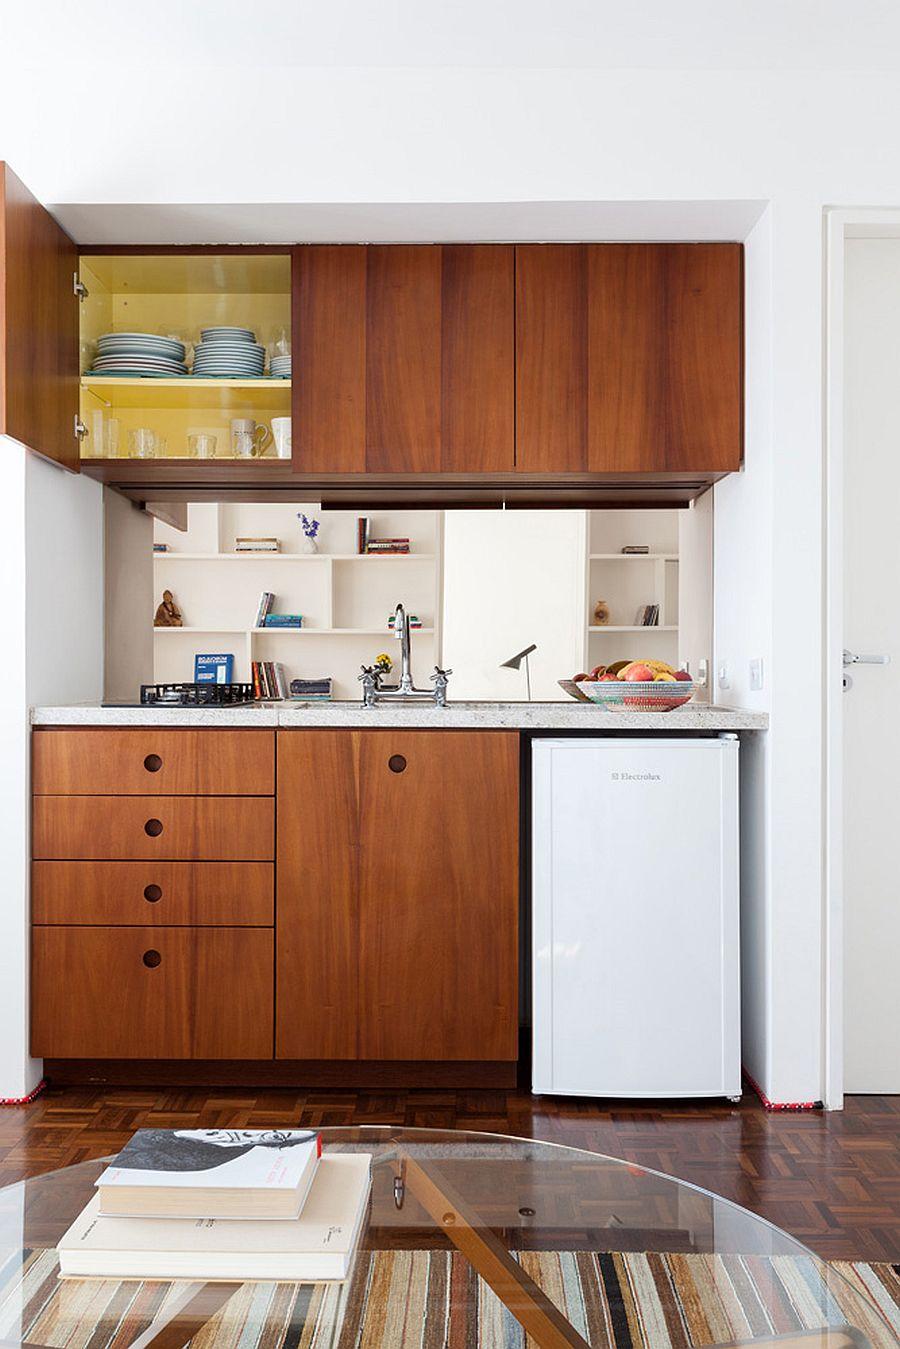 Tủ gỗ màu cánh gián mang lại sự ấm áp cho căn hộ studio nhỏ màu trắng.